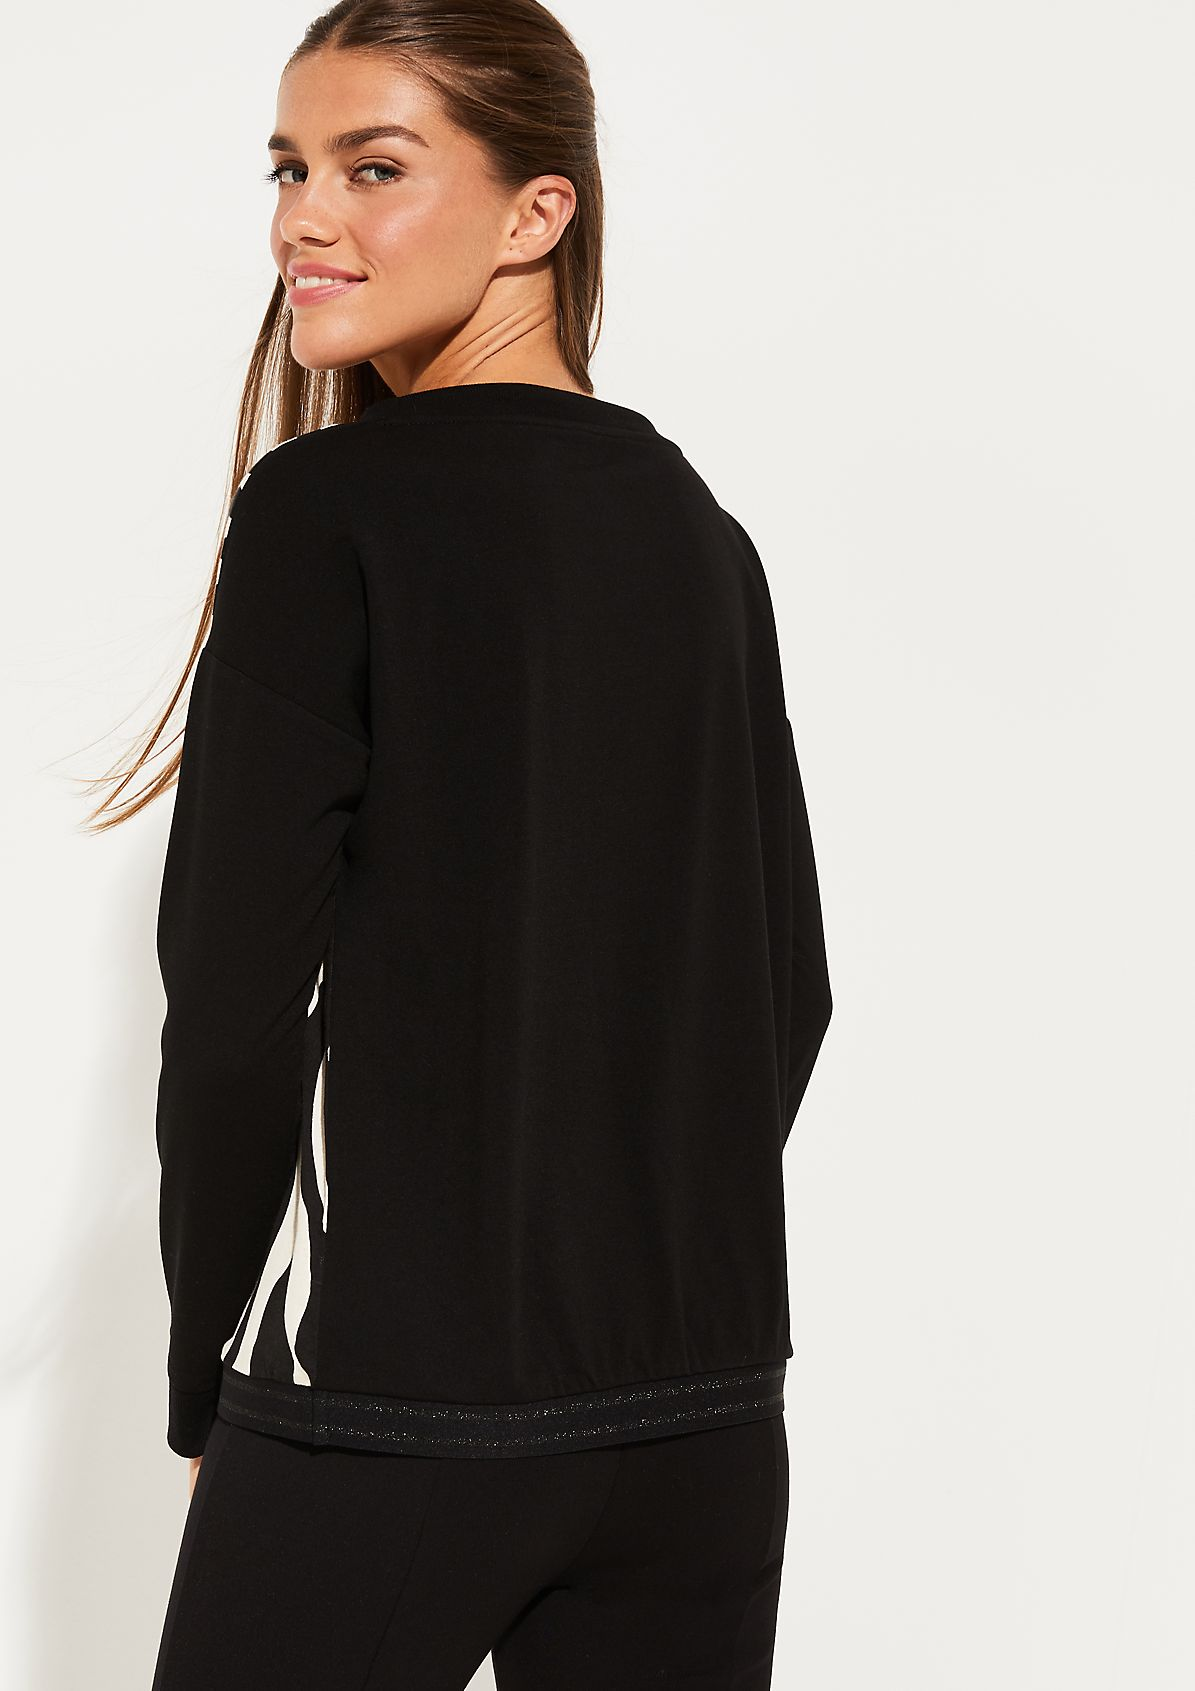 Langarmsweater mit Zebramuster und Statementprint